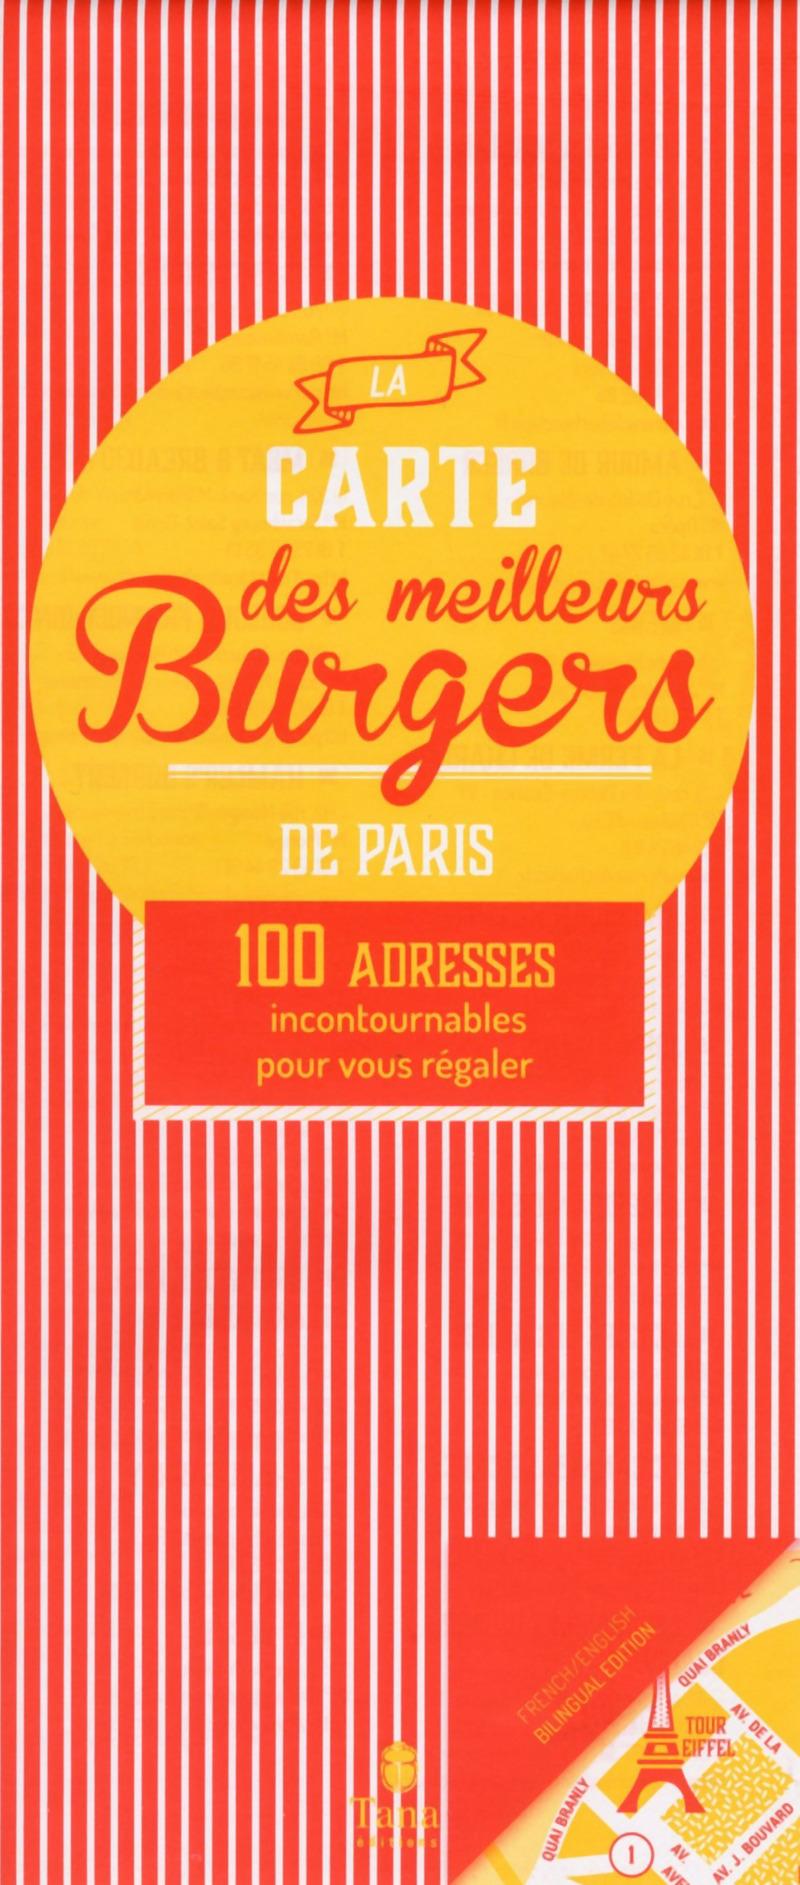 La carte des meilleurs burgers de Paris